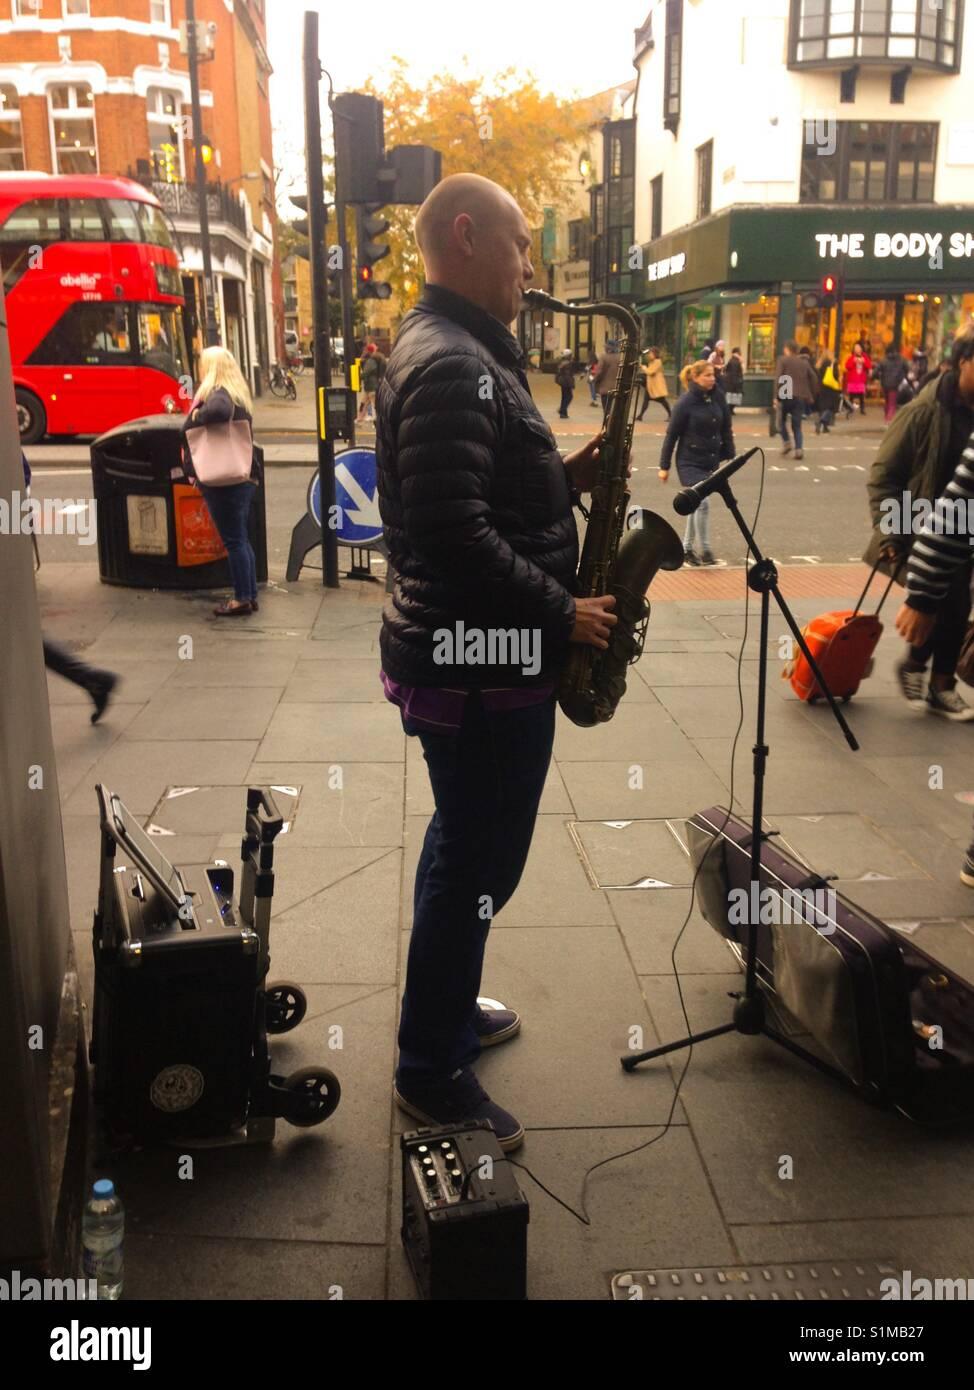 Basking at the underground station - Stock Image